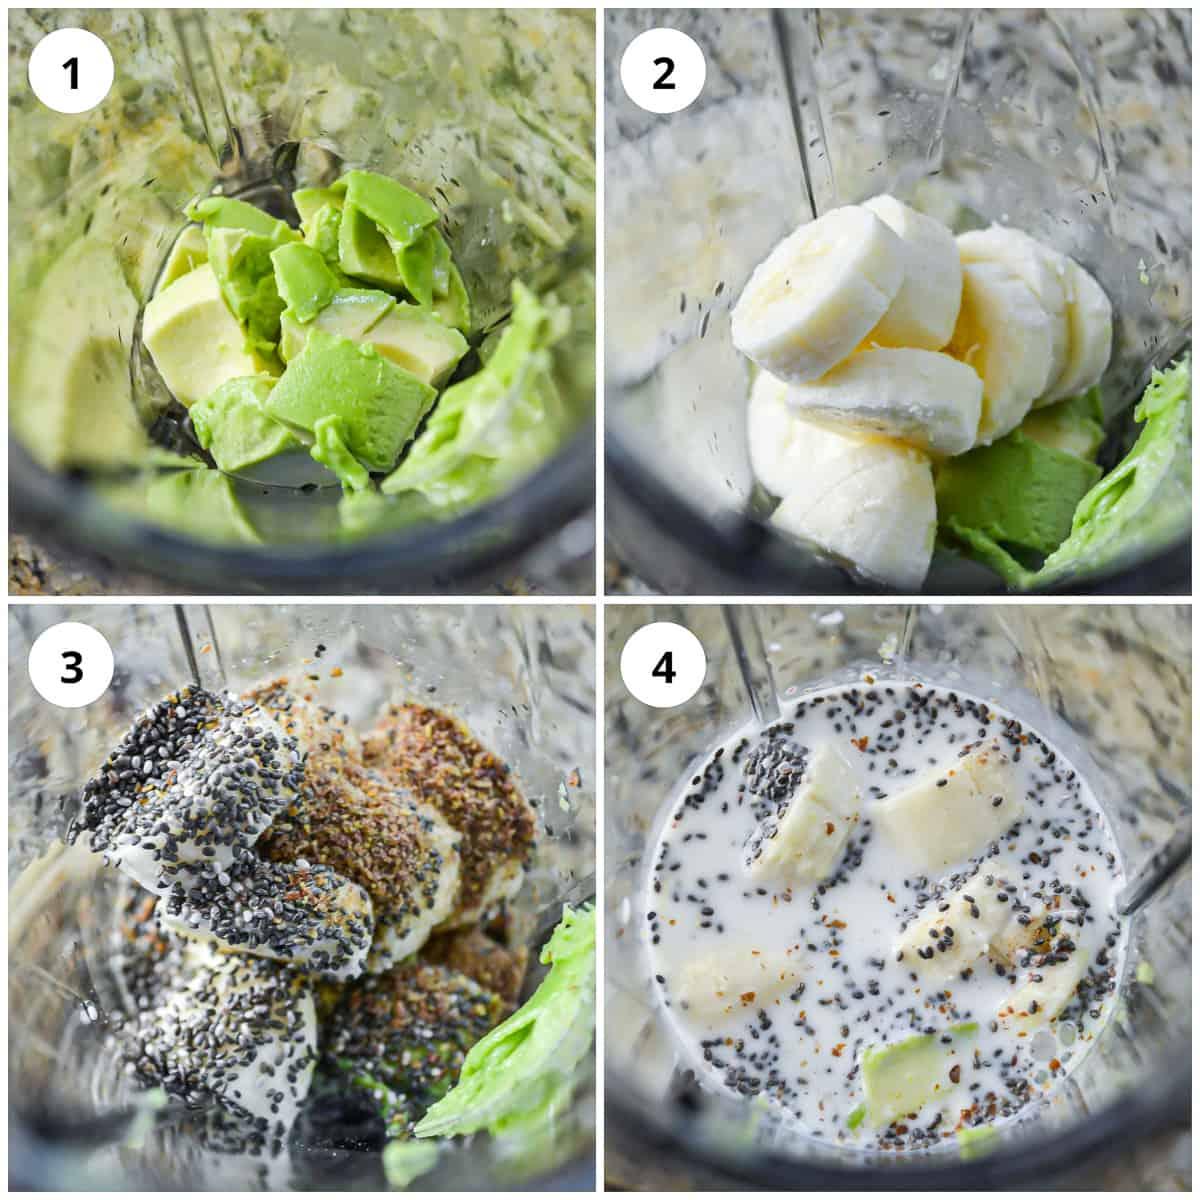 Four process shots to show how to make the avocado banana smoothie